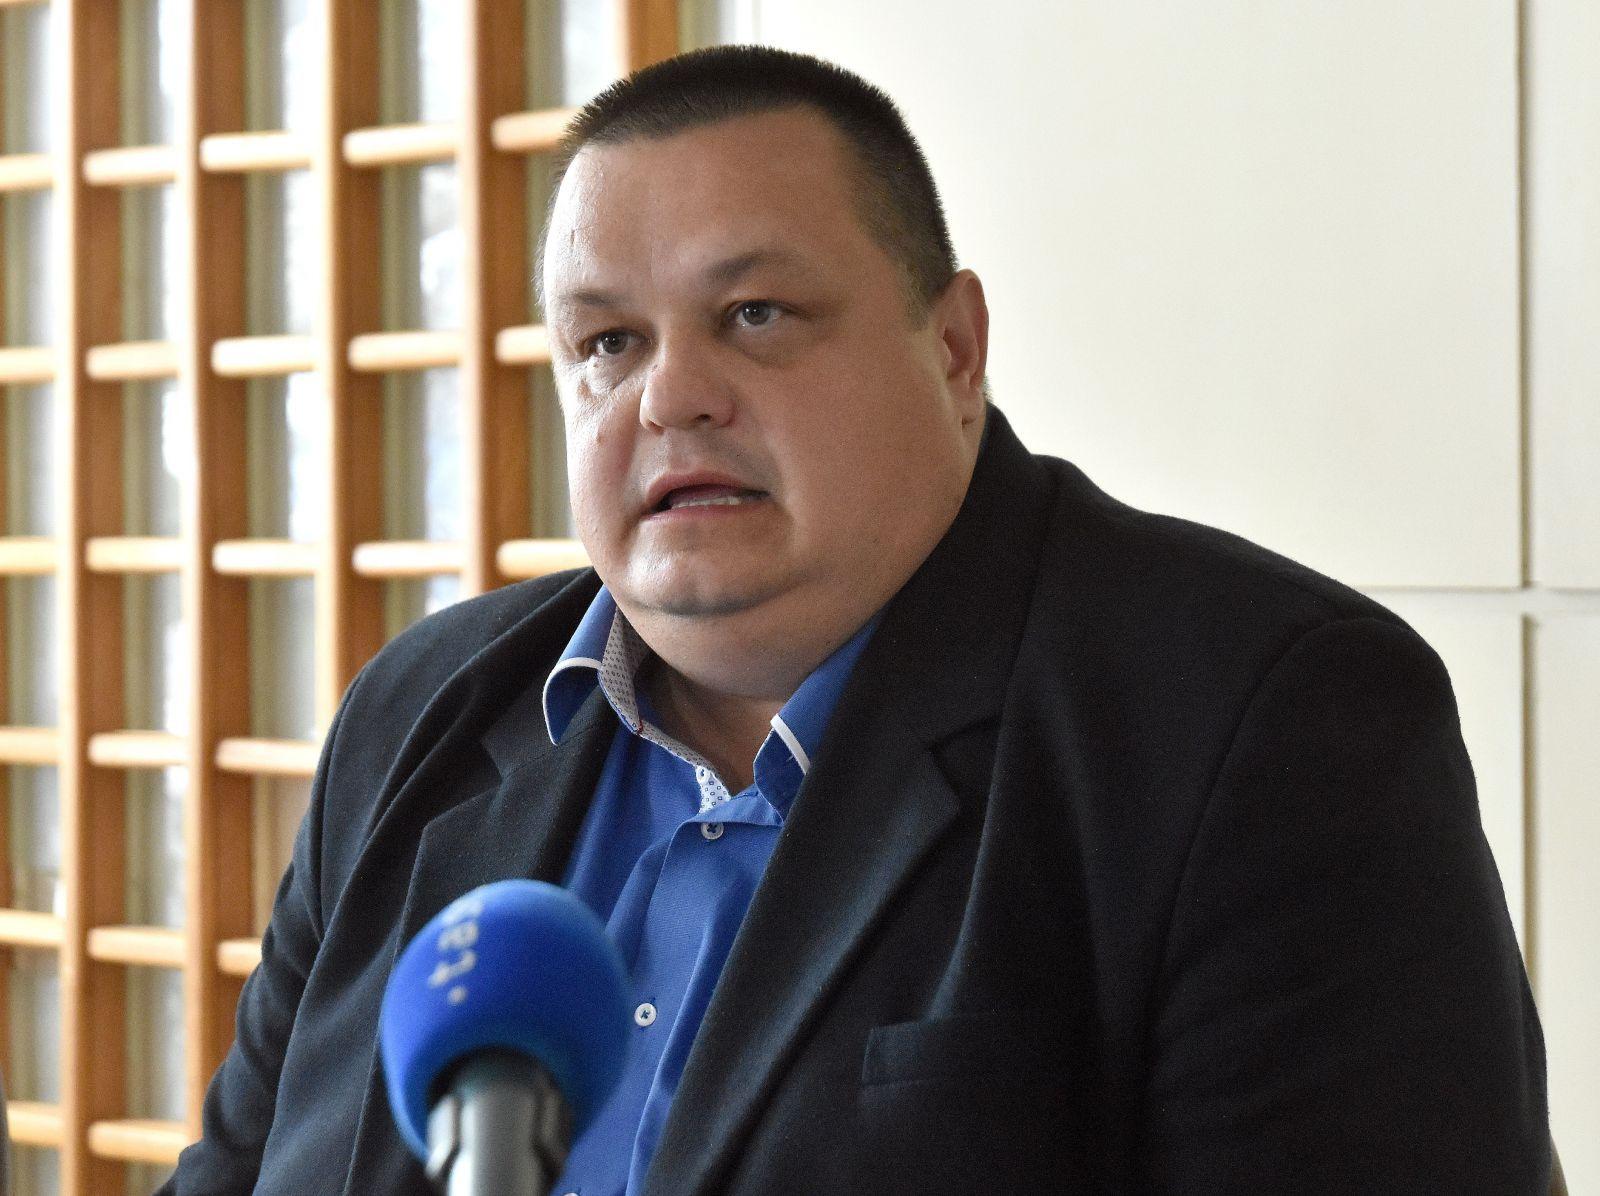 Hlavný hygienik Ján Mikas prijal opatrenia